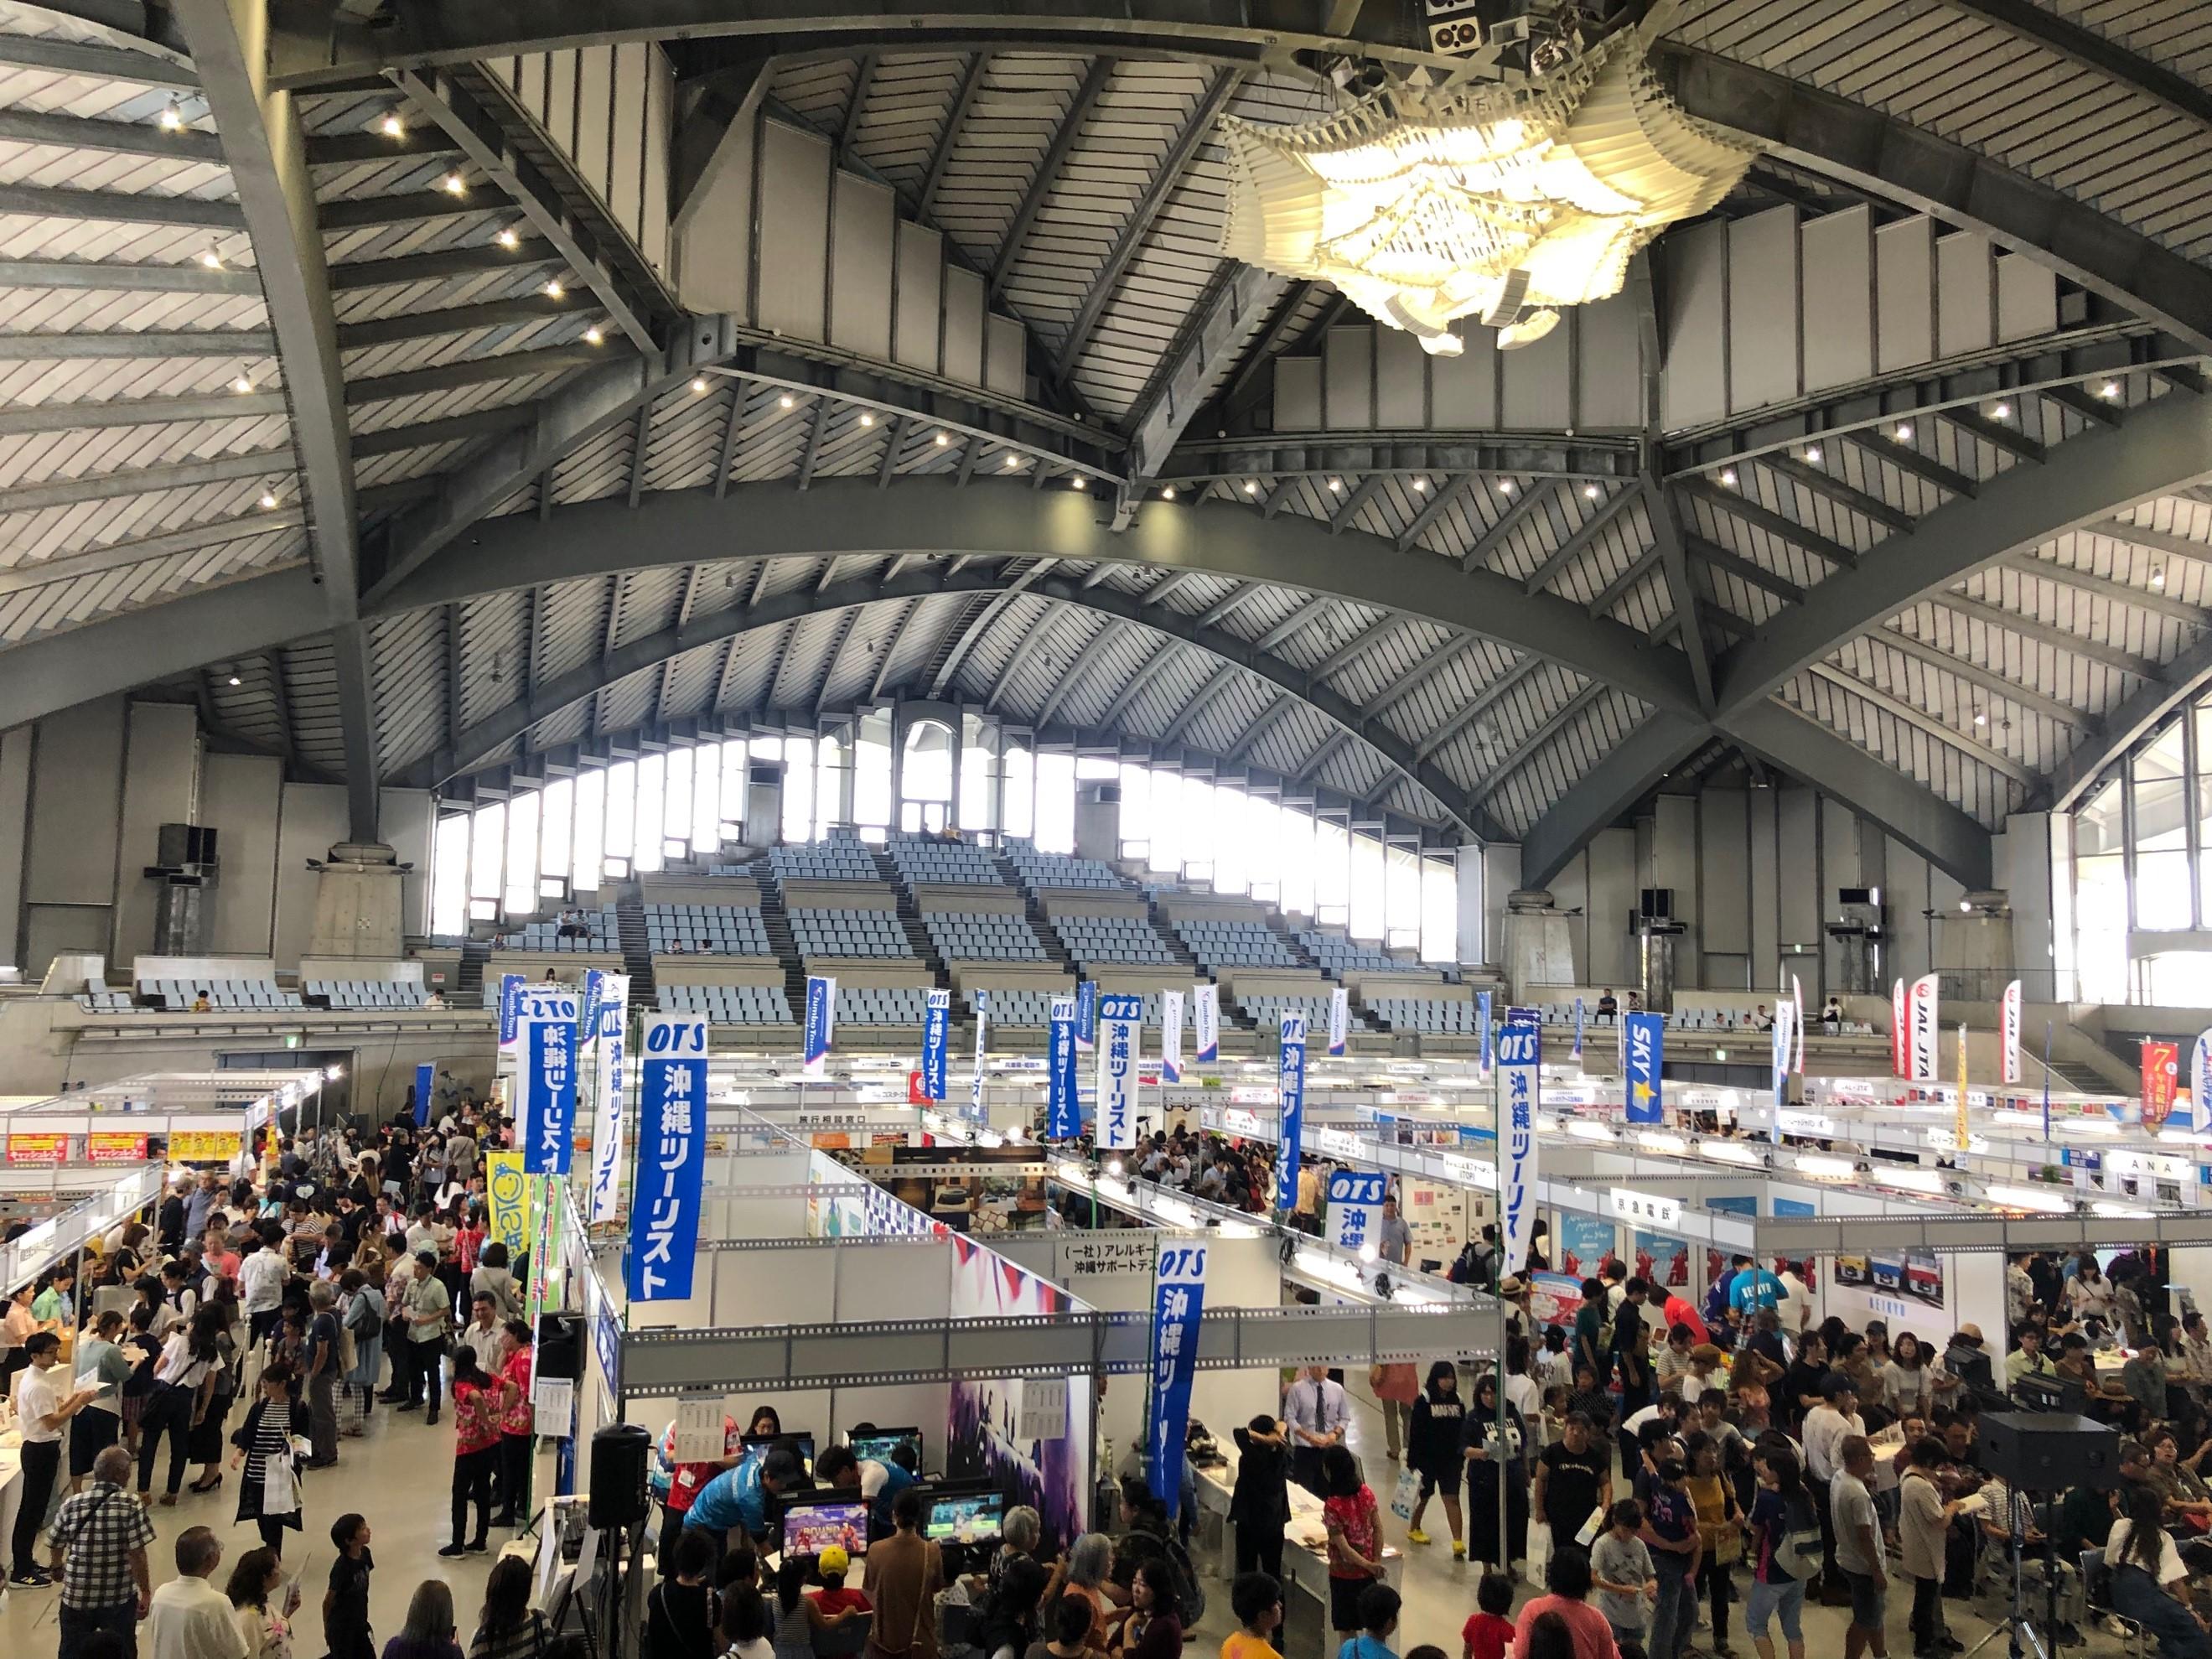 「 沖縄コンベンションセンター」 にて 「沖縄旅フェスタ2019」が開催